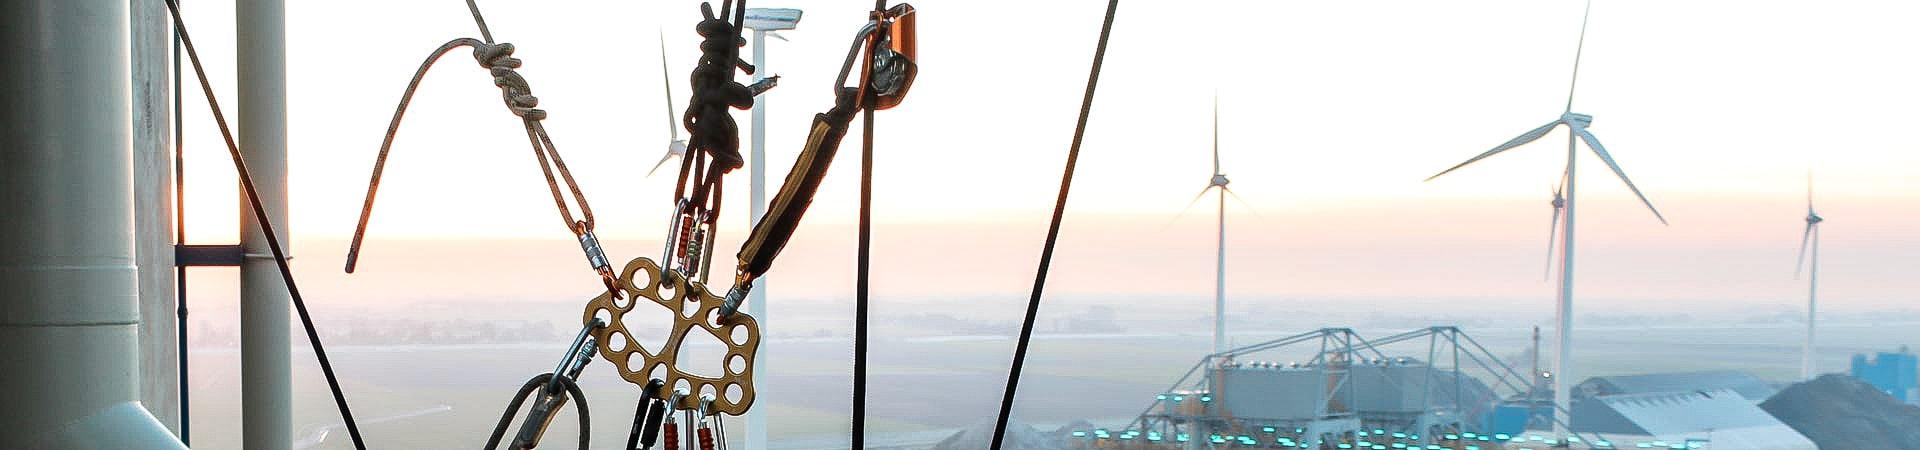 Höhenrettung mit Seilzugangstechnologie - IBE Industrieservice